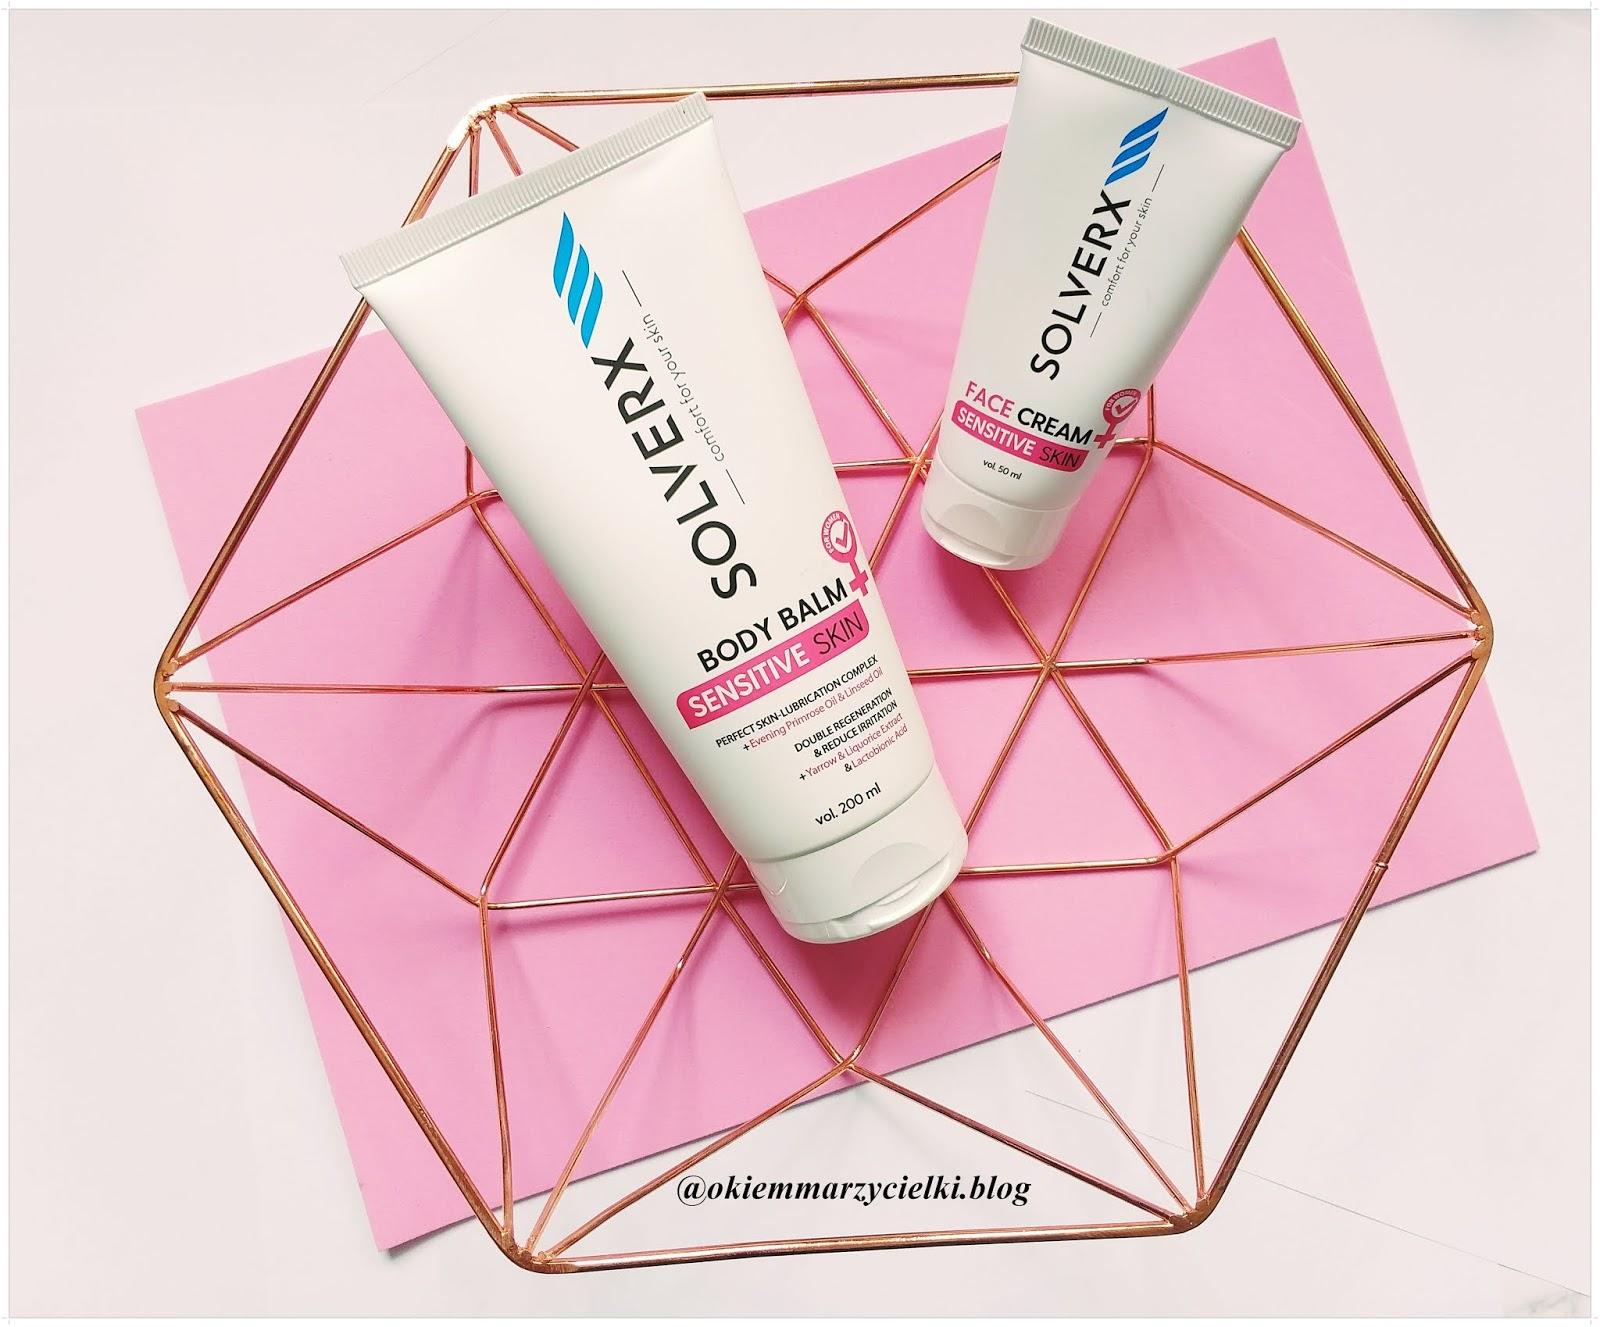 Balsam do ciała & Krem do twarzy do skóry wrażliwej, naczyniowej, Solverx Sensitive Skin Woman- recenzja #99